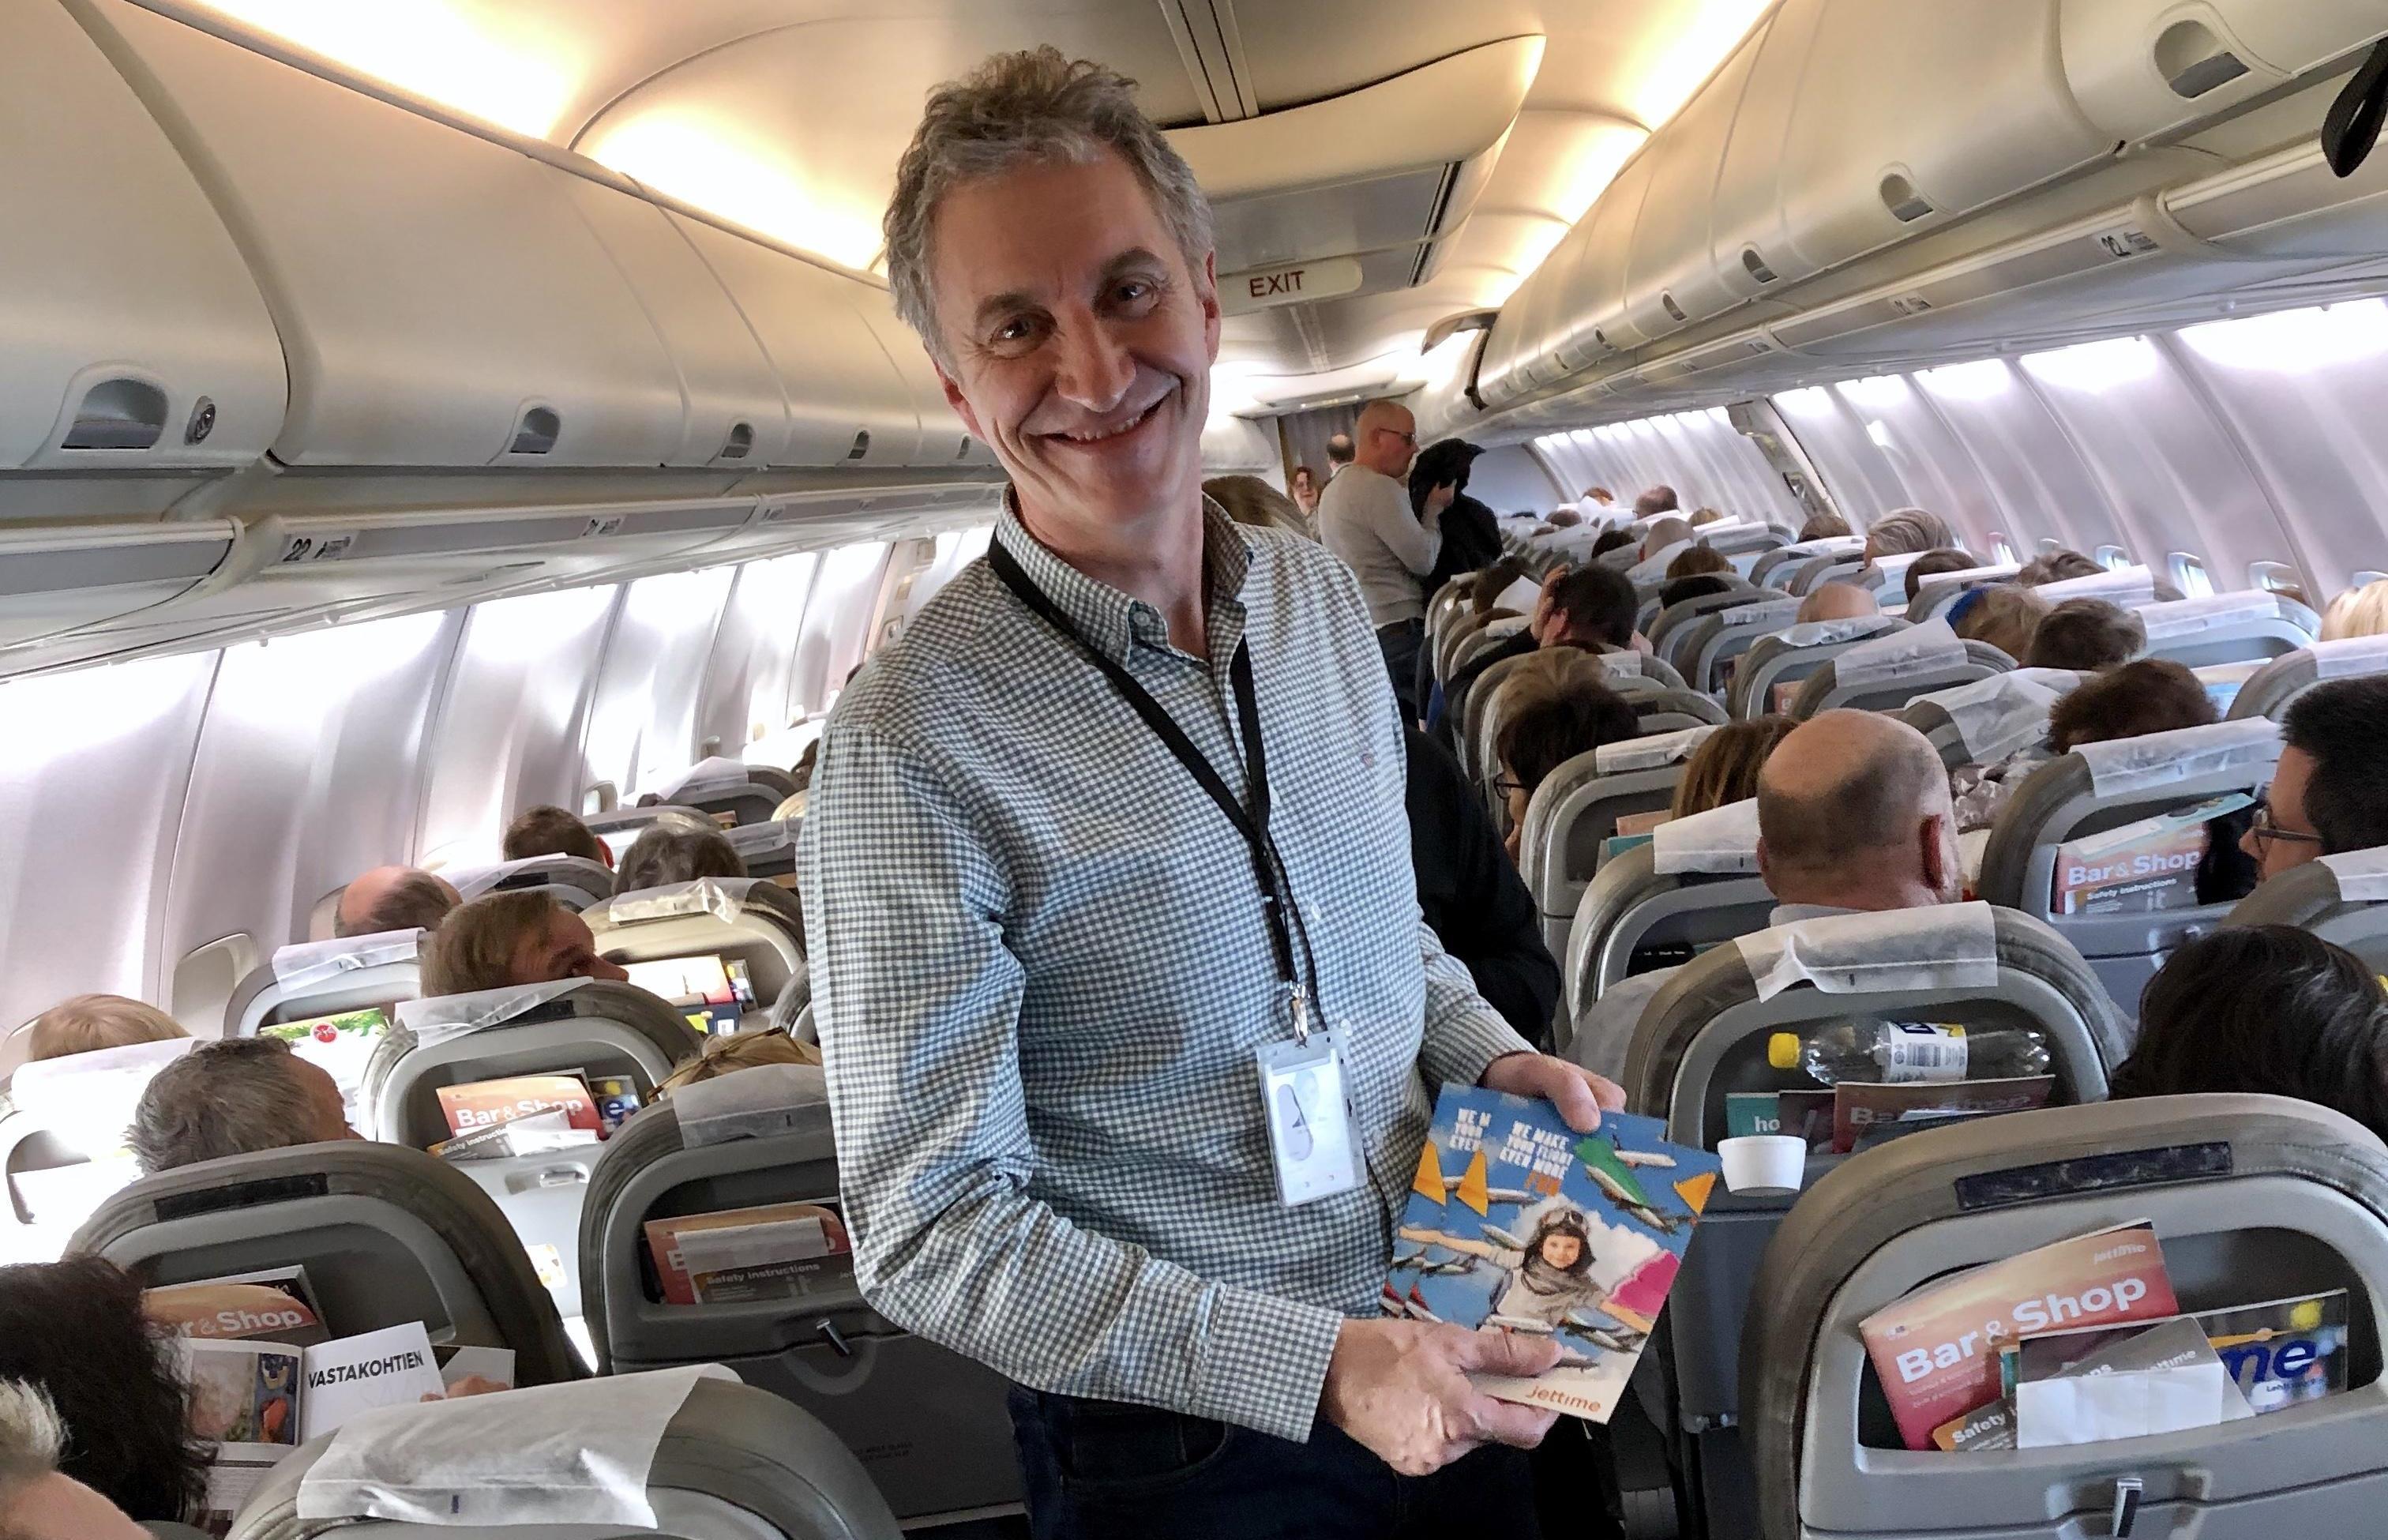 Adm. direktør Jørgen Holme fra Jet Time. (Foto: Jet Time/PR)